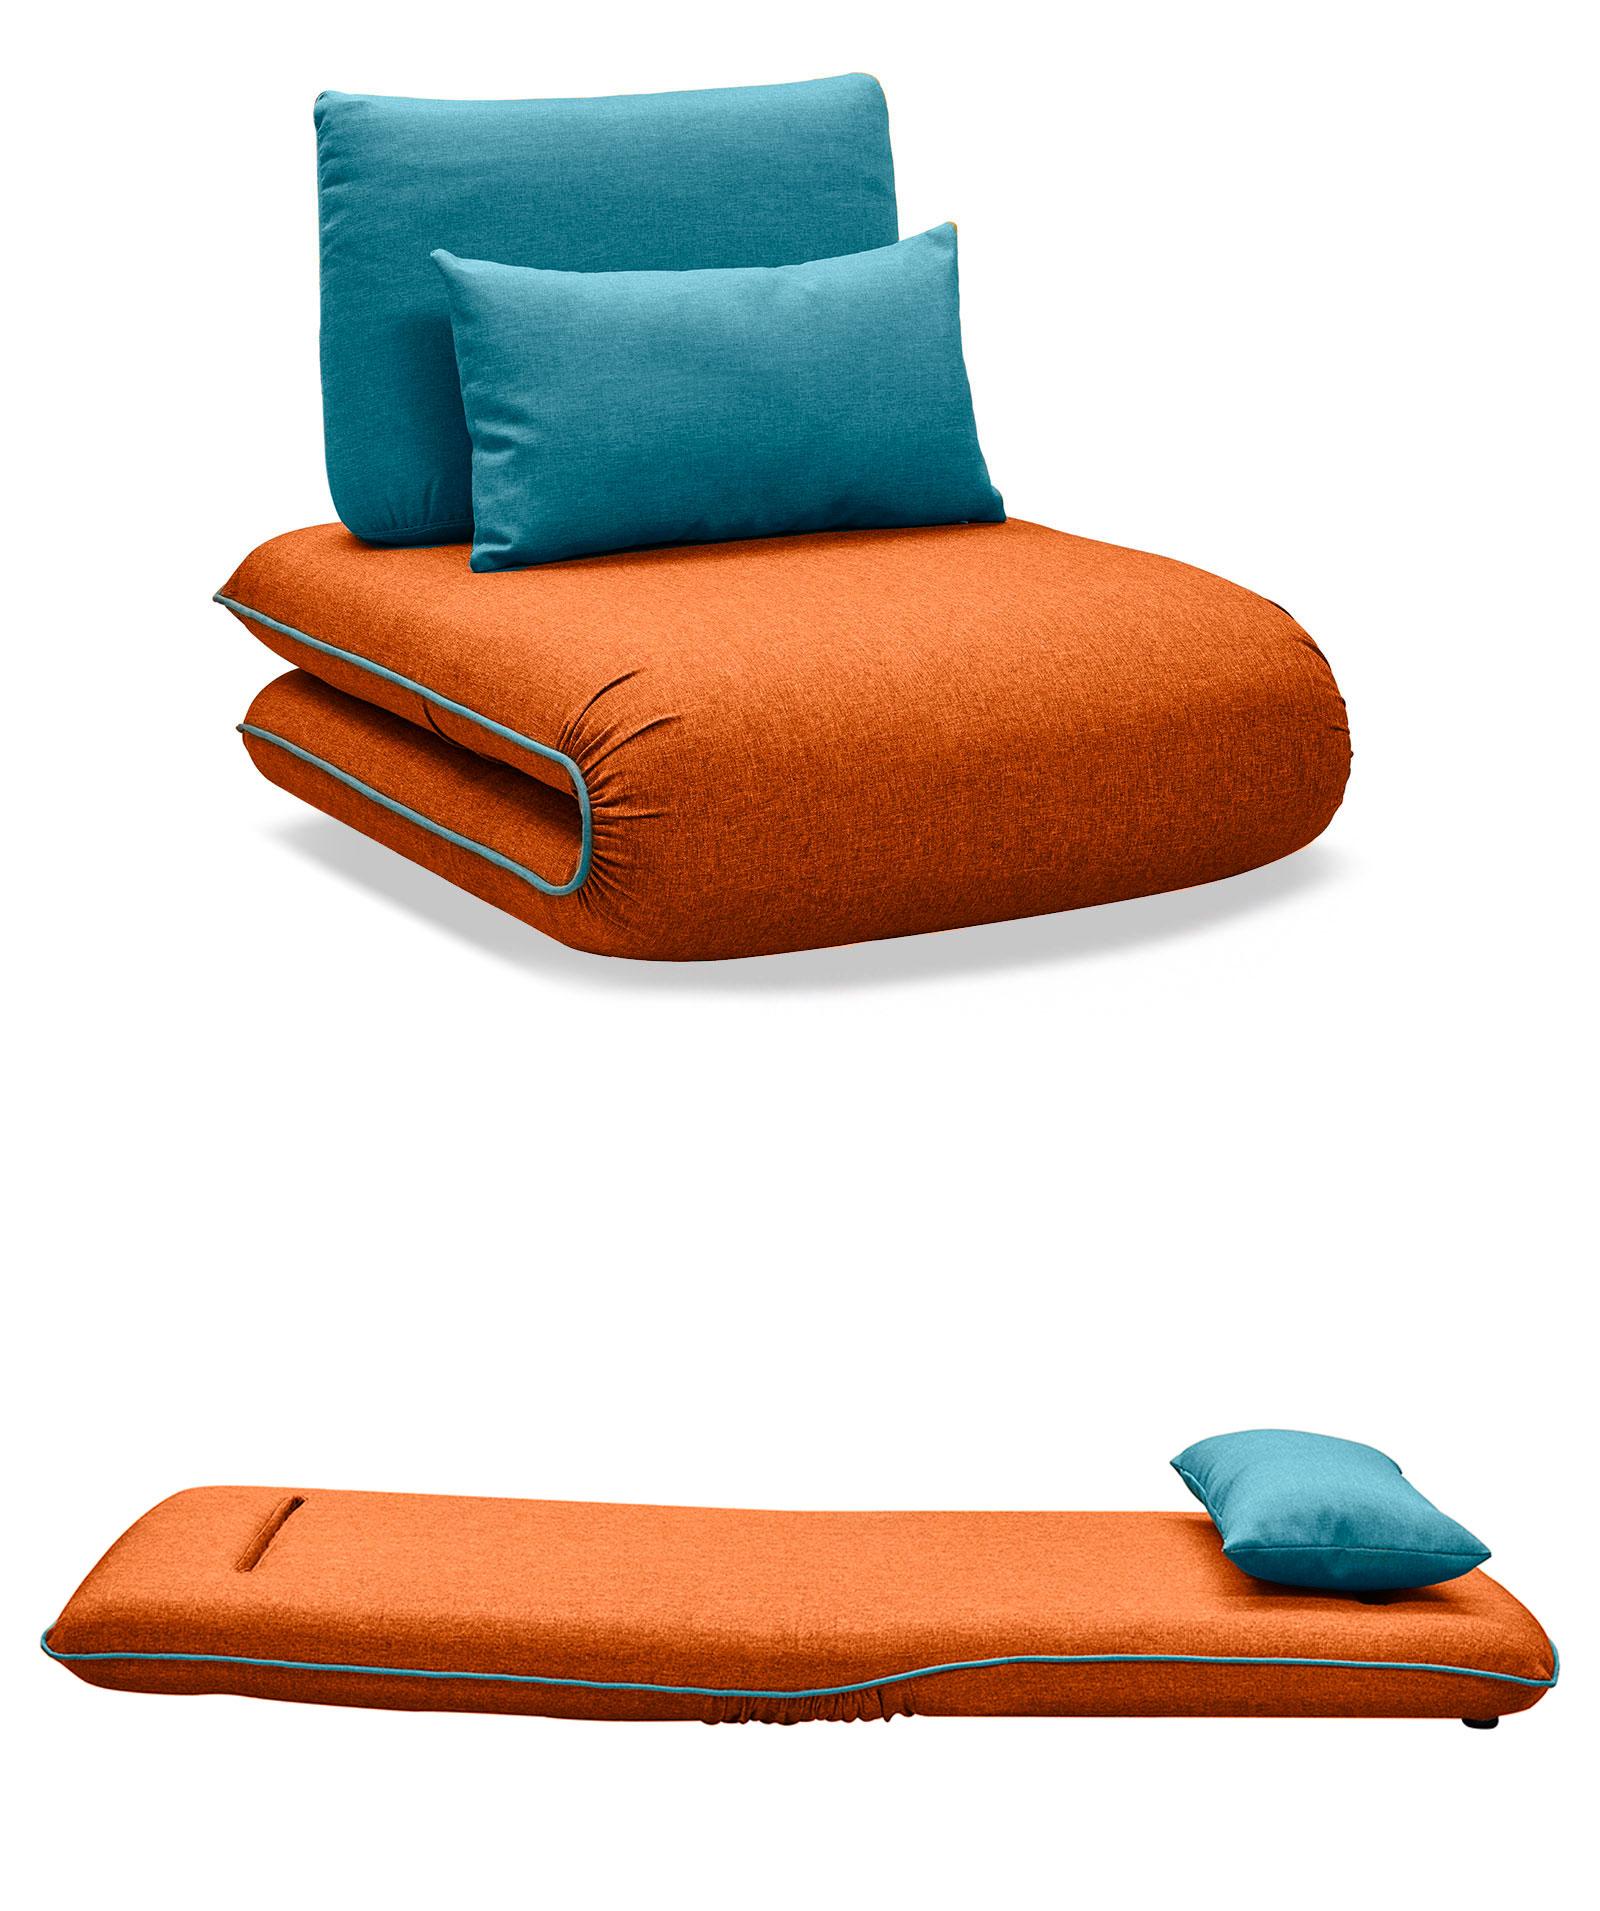 Кресло кровать Justin 1, оранжевый/бирюзовый